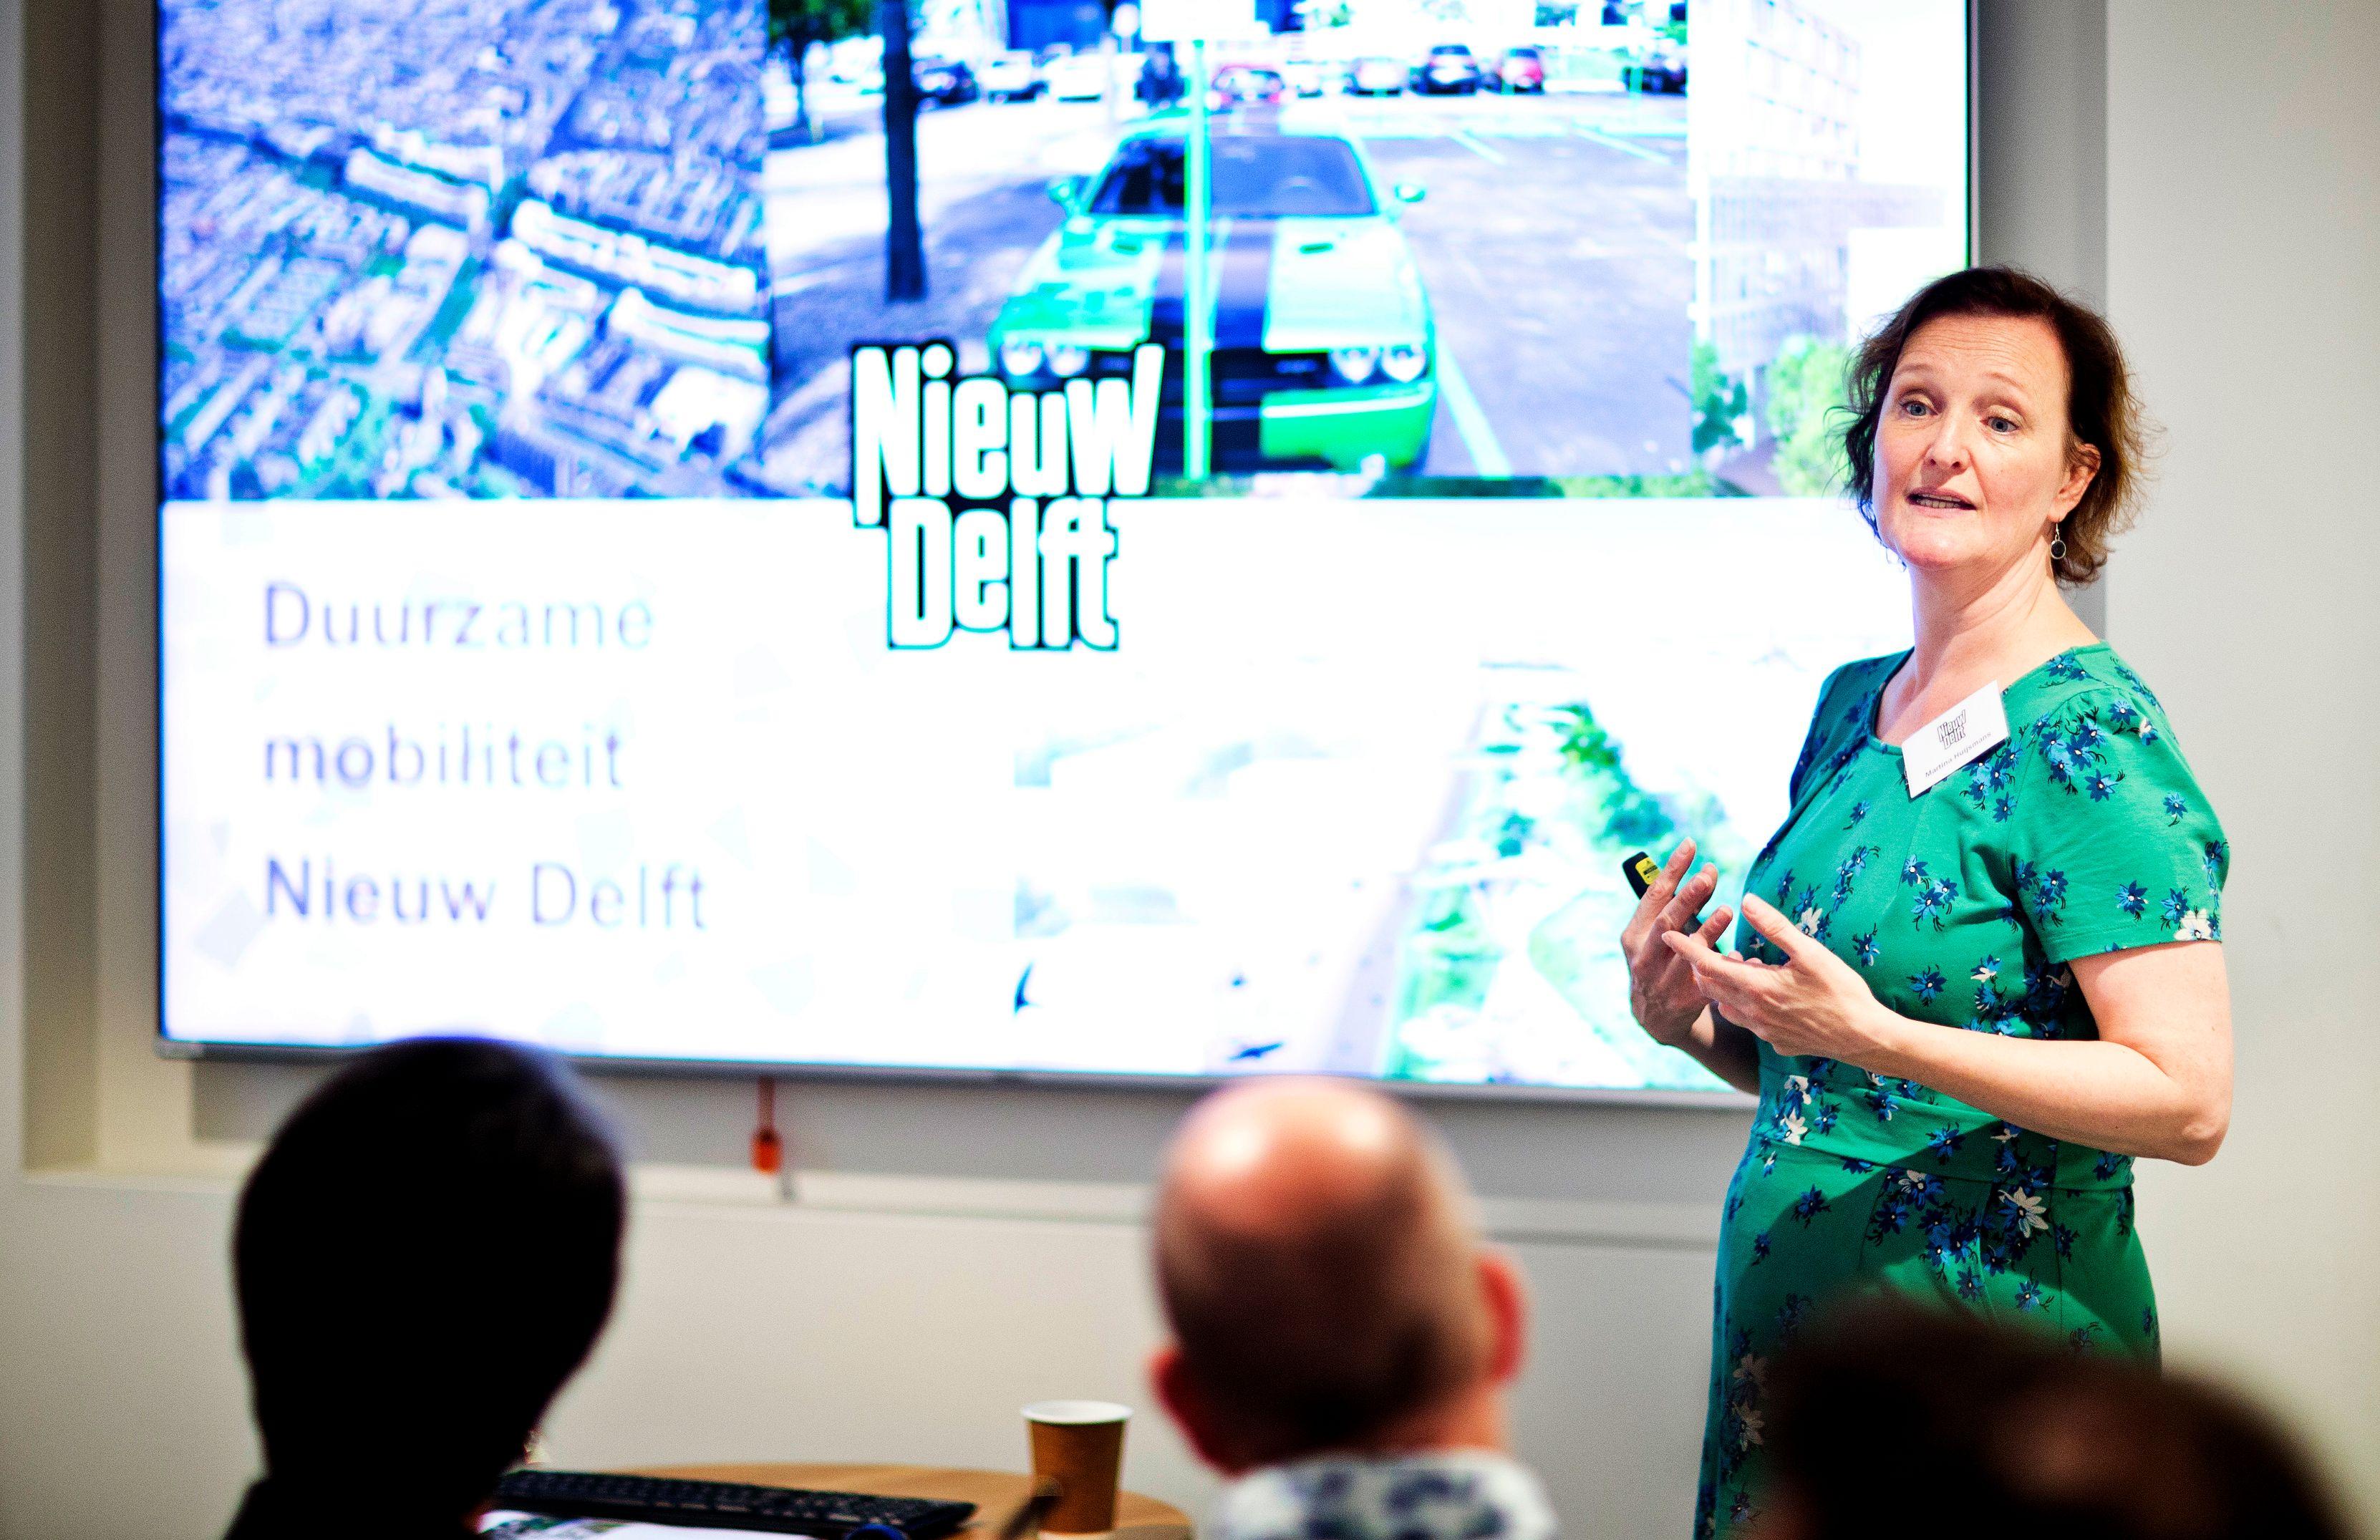 Wethouder geeft presentatie over Nieuw Delft